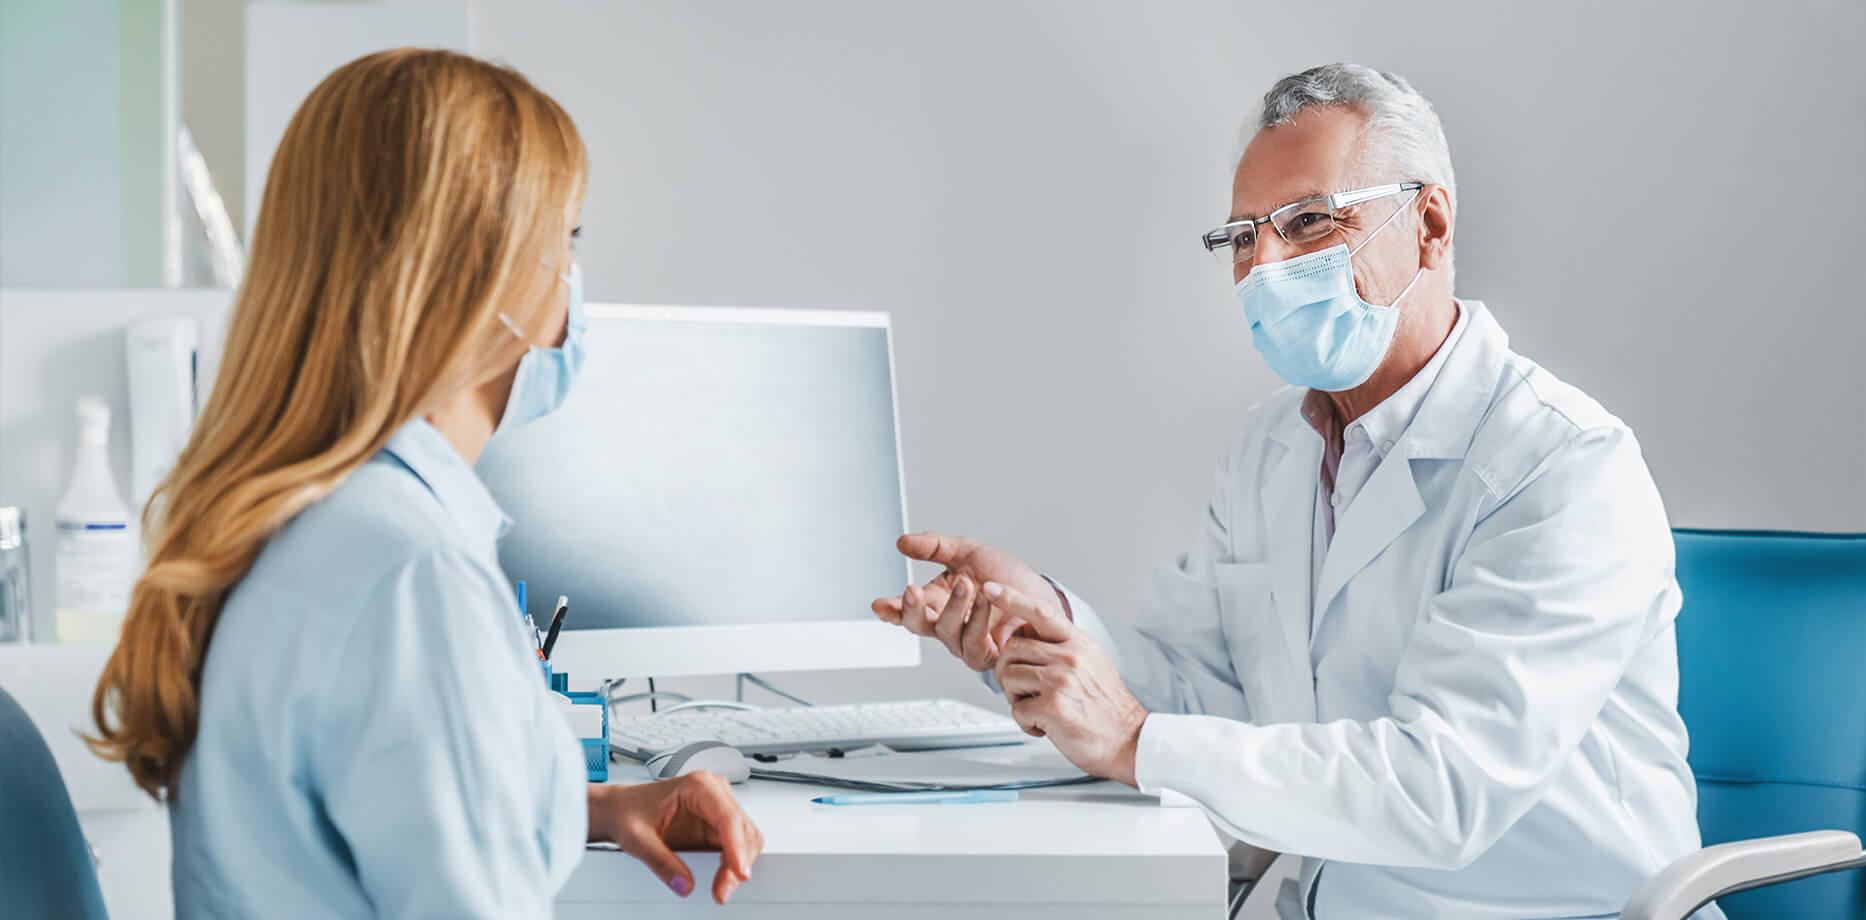 Lekarz rozmawiający z pacjentką